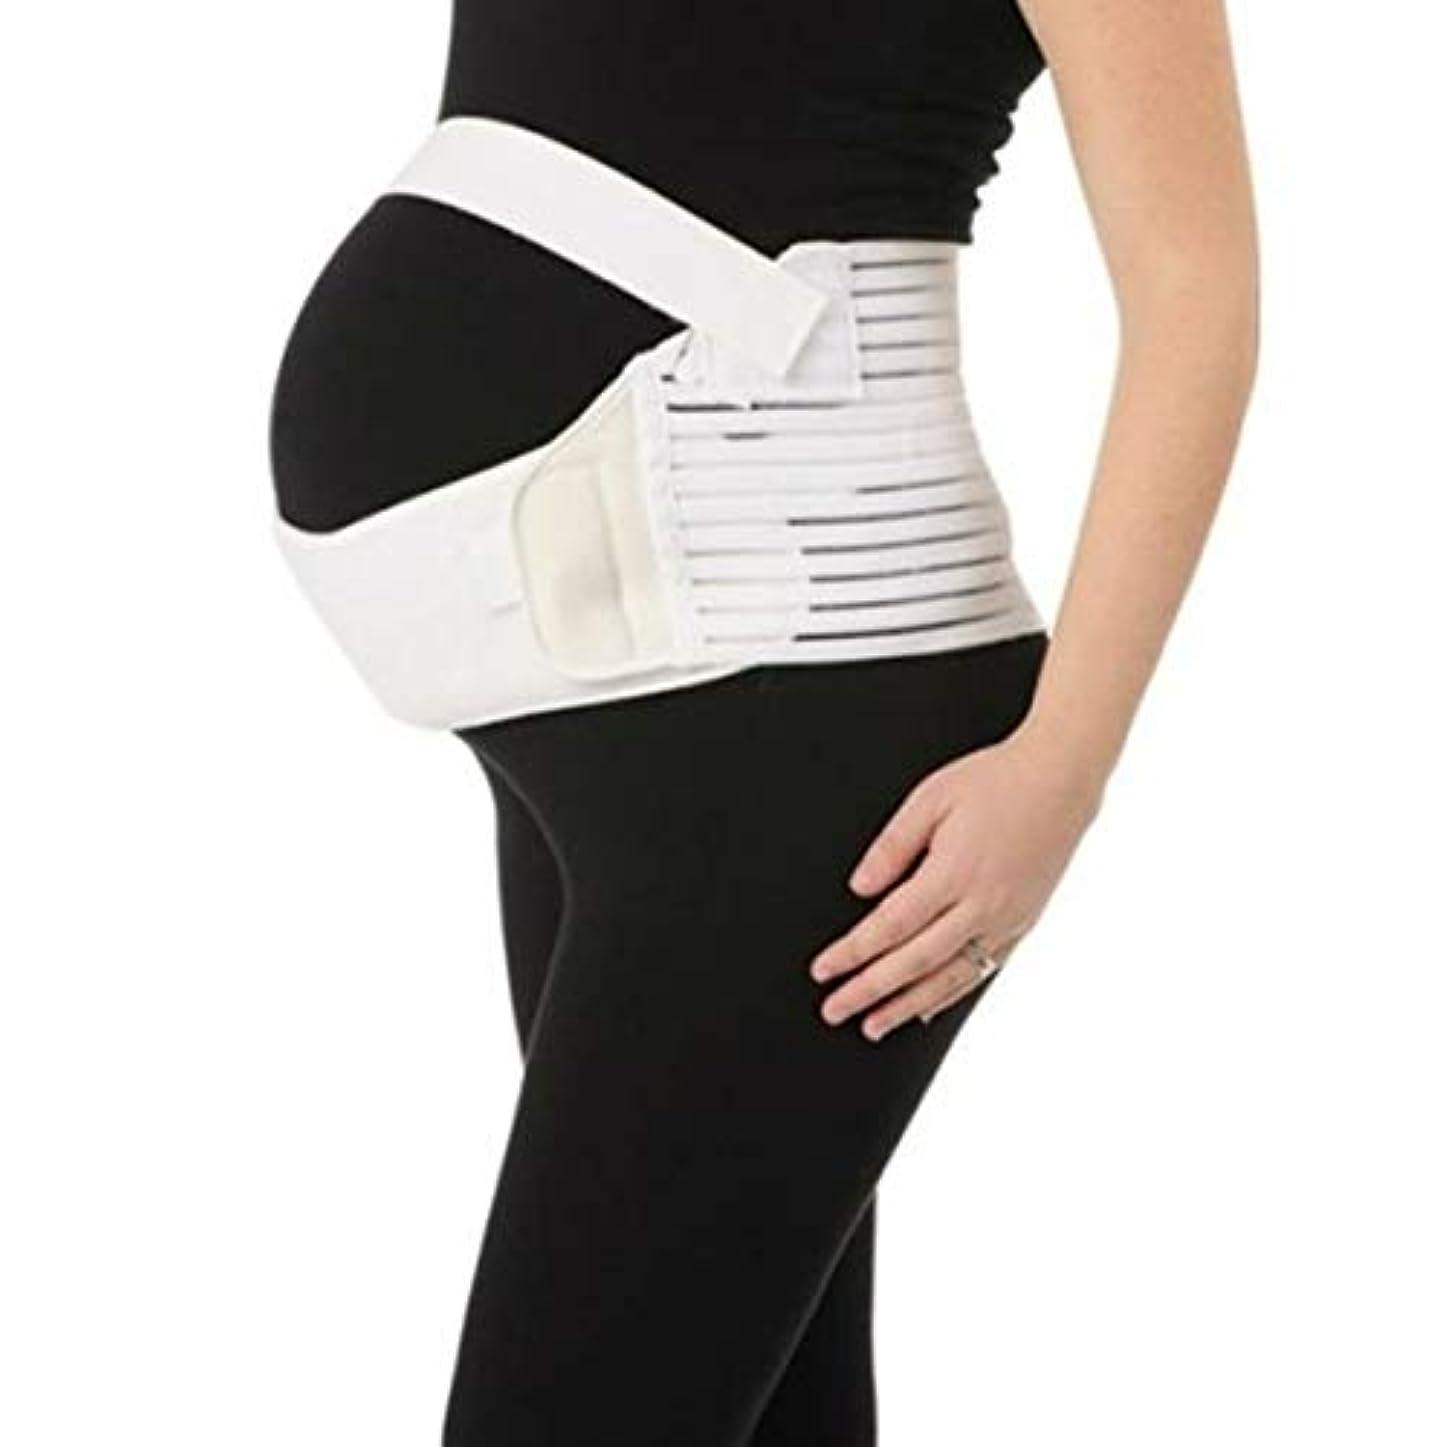 グレートオークアダルトり通気性産科ベルト妊娠腹部サポート腹部バインダーガードル運動包帯産後の回復形状ウェア - ホワイトM